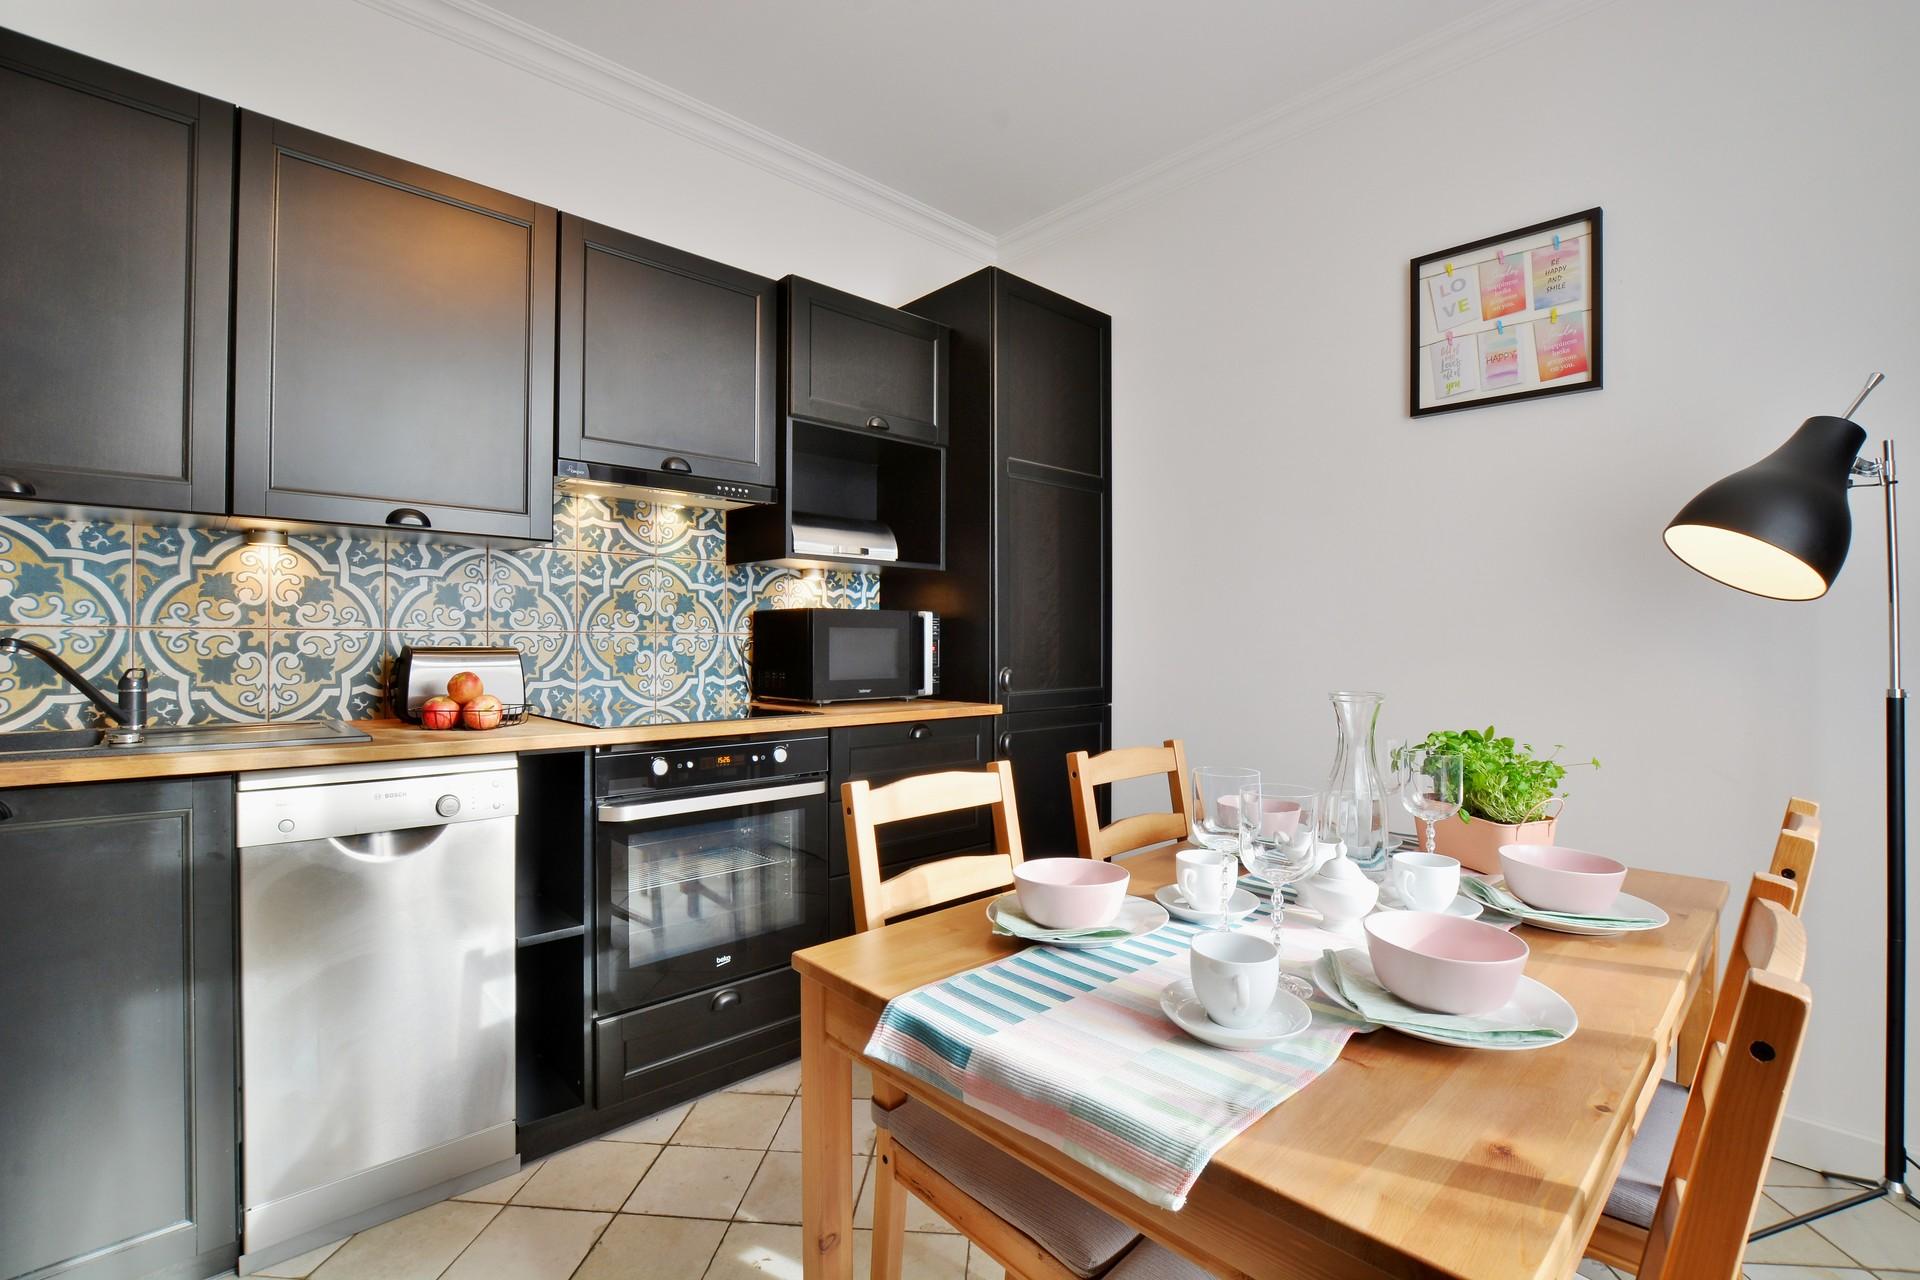 Обстановка однокомнатной квартиры и черный интерьер кухни